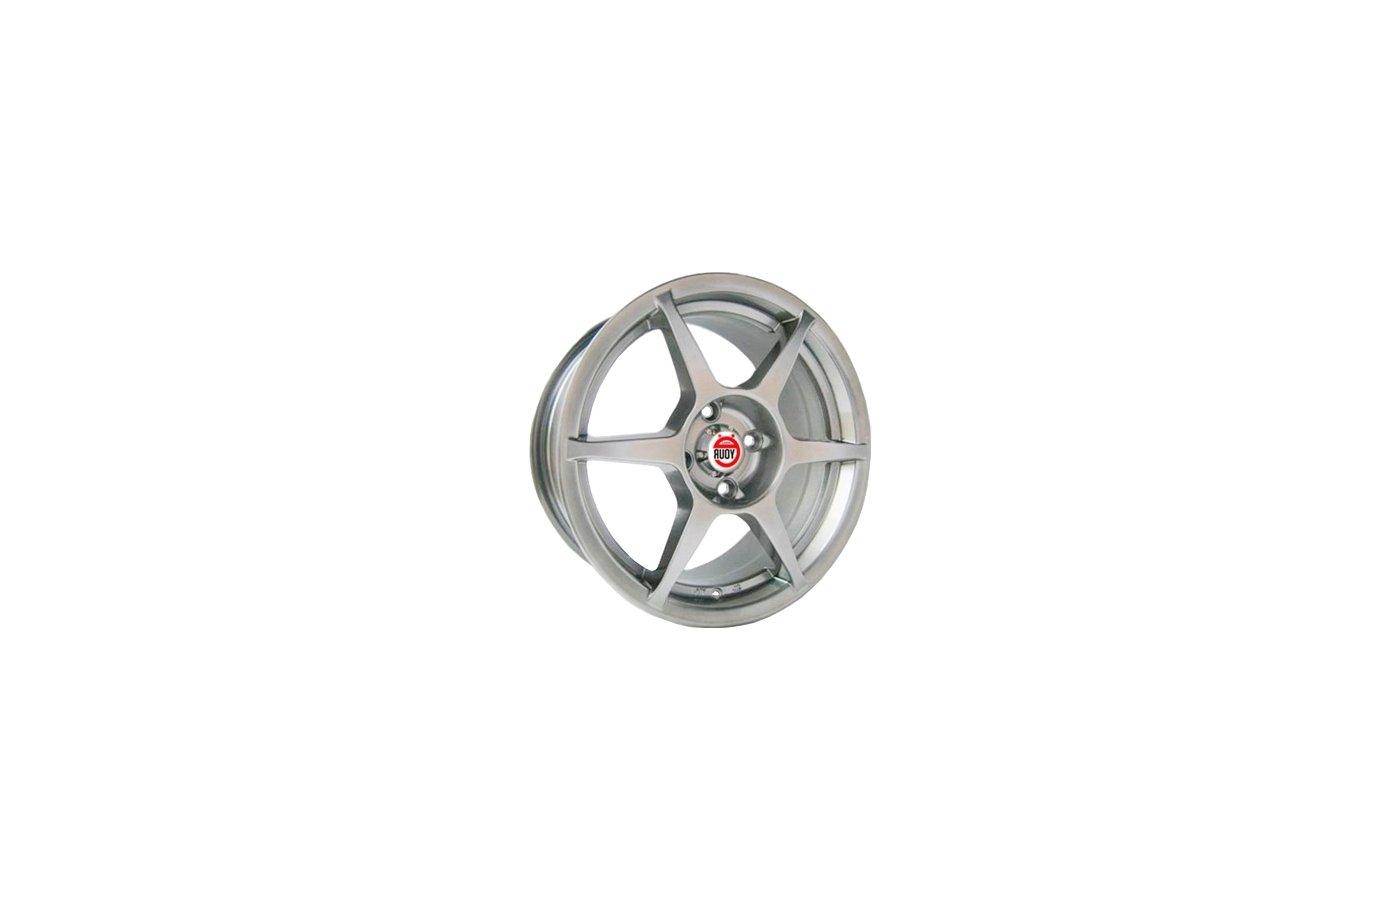 Диск Ё-wheels E08 6.5x16/5x114.3 D67.1 ET46 MBF